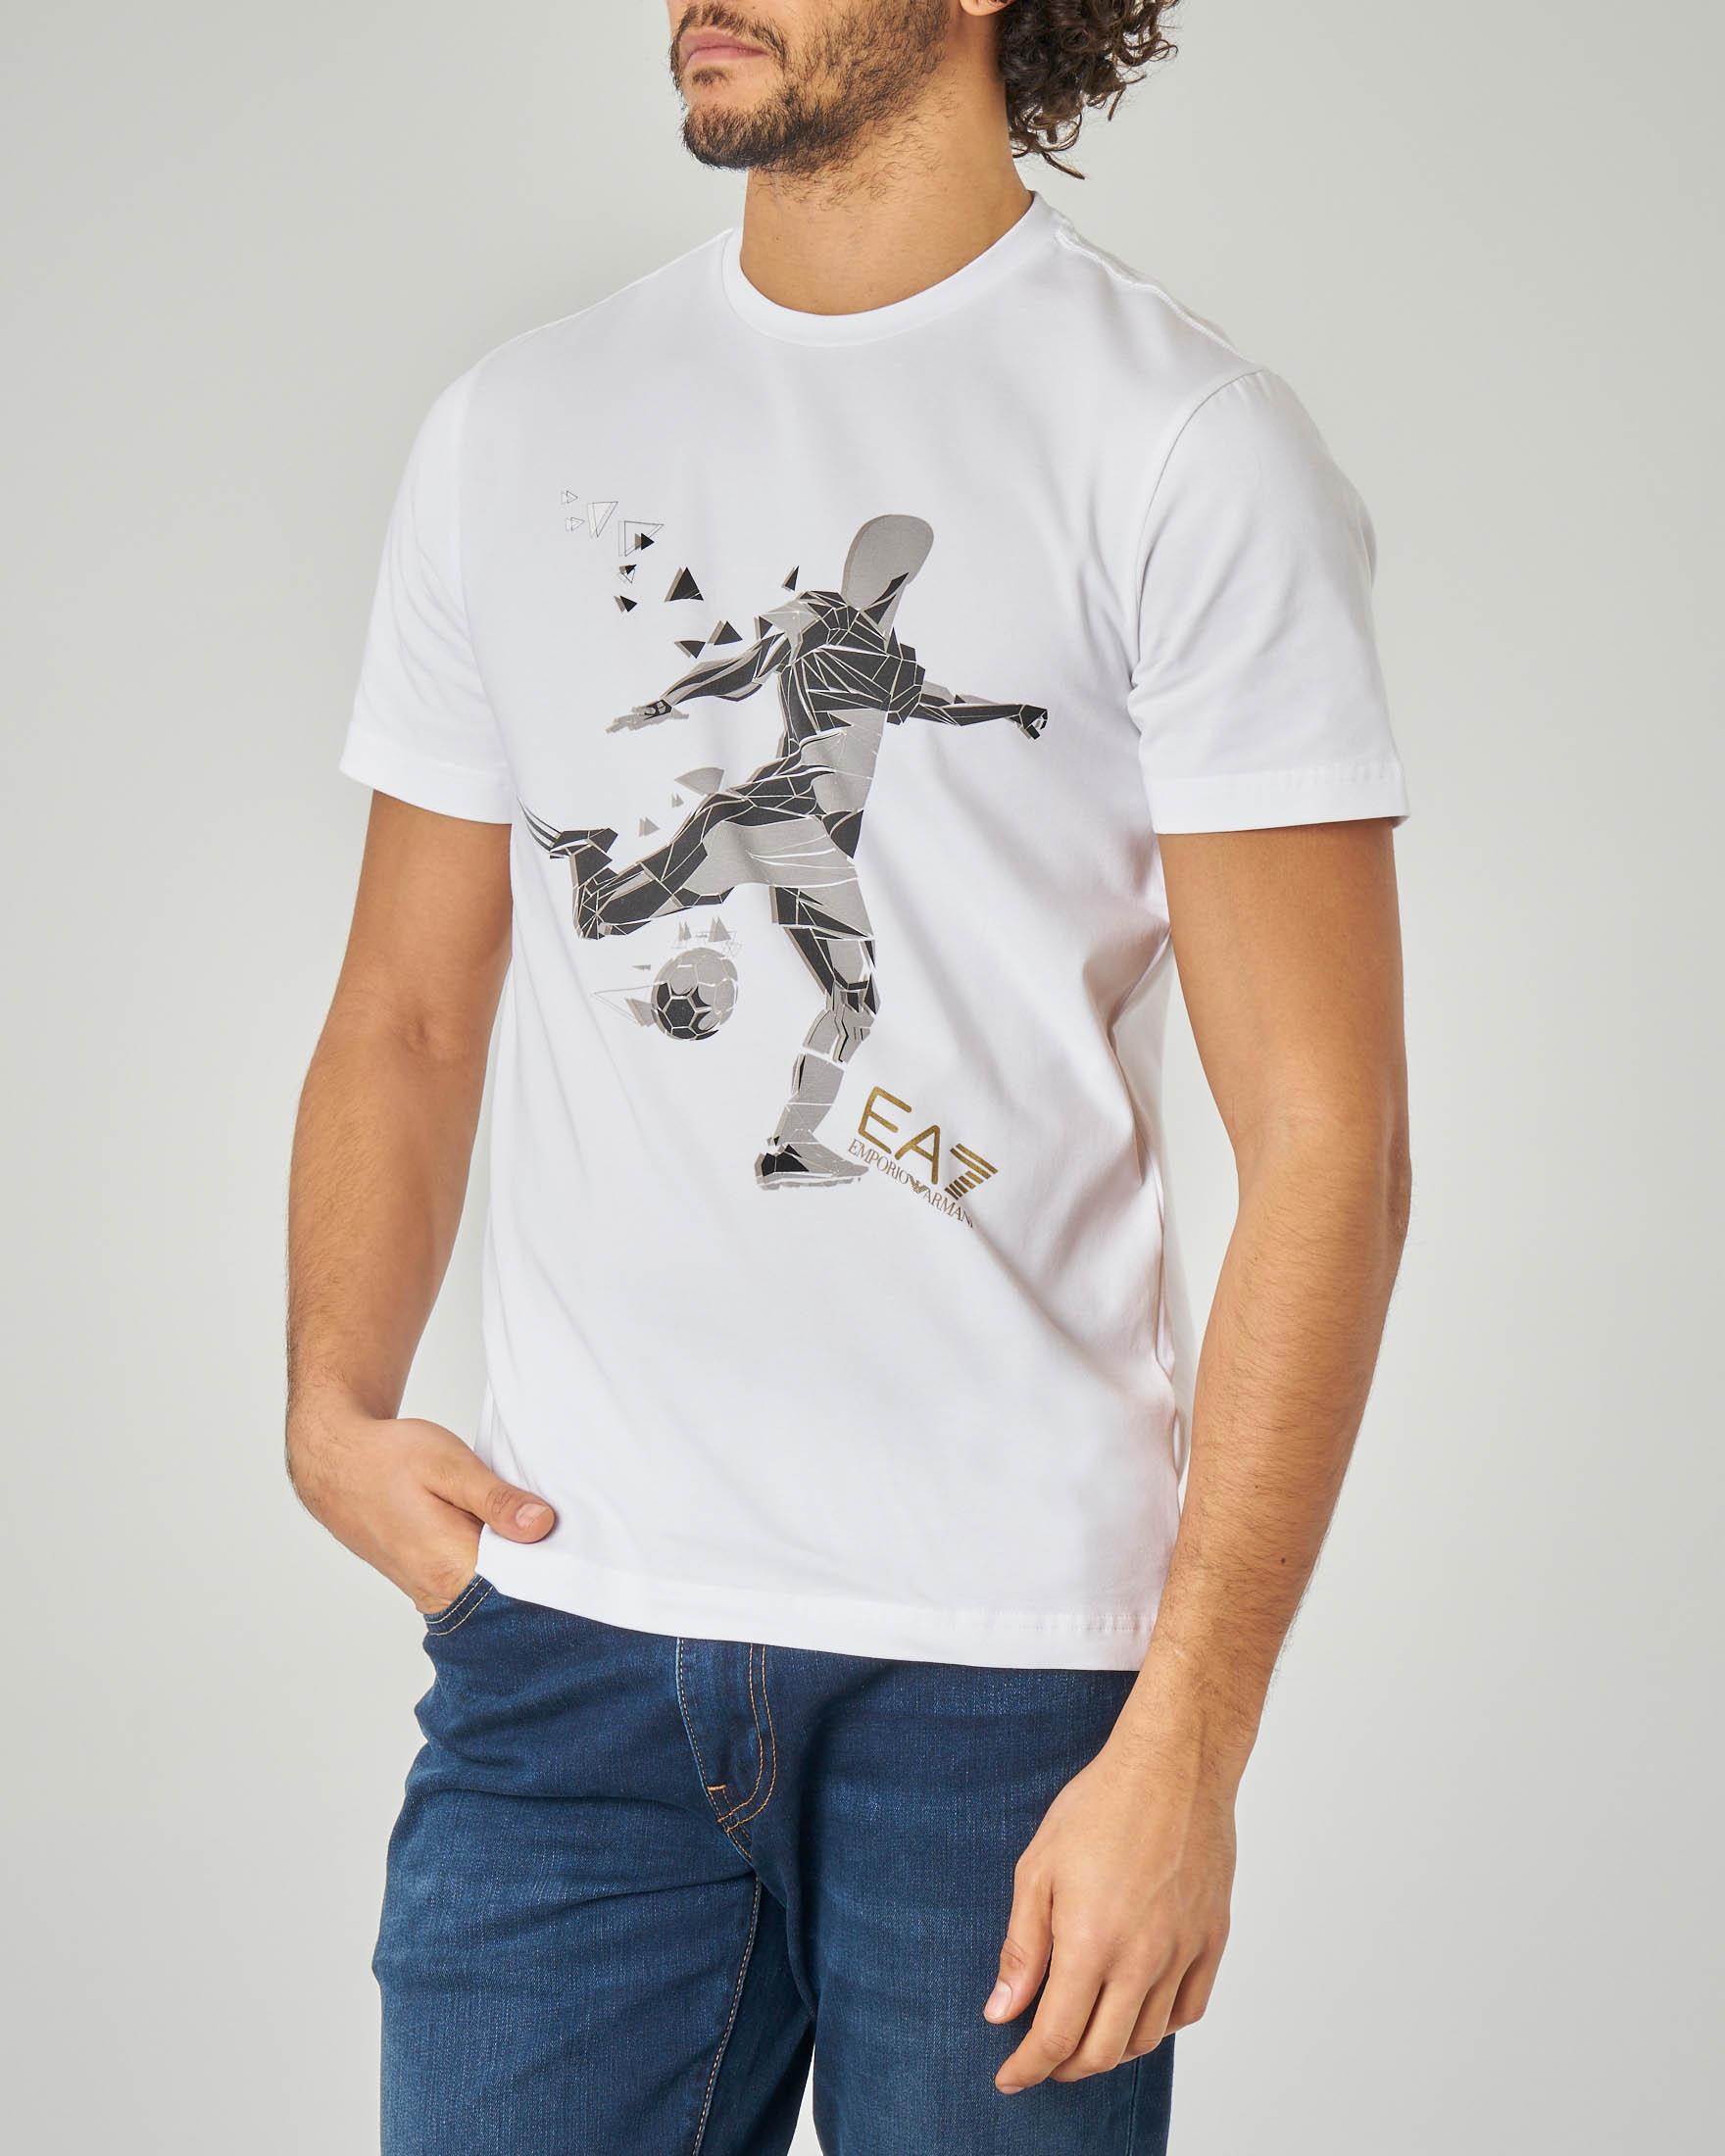 T-shirt bianca stretch con stampa calciatore